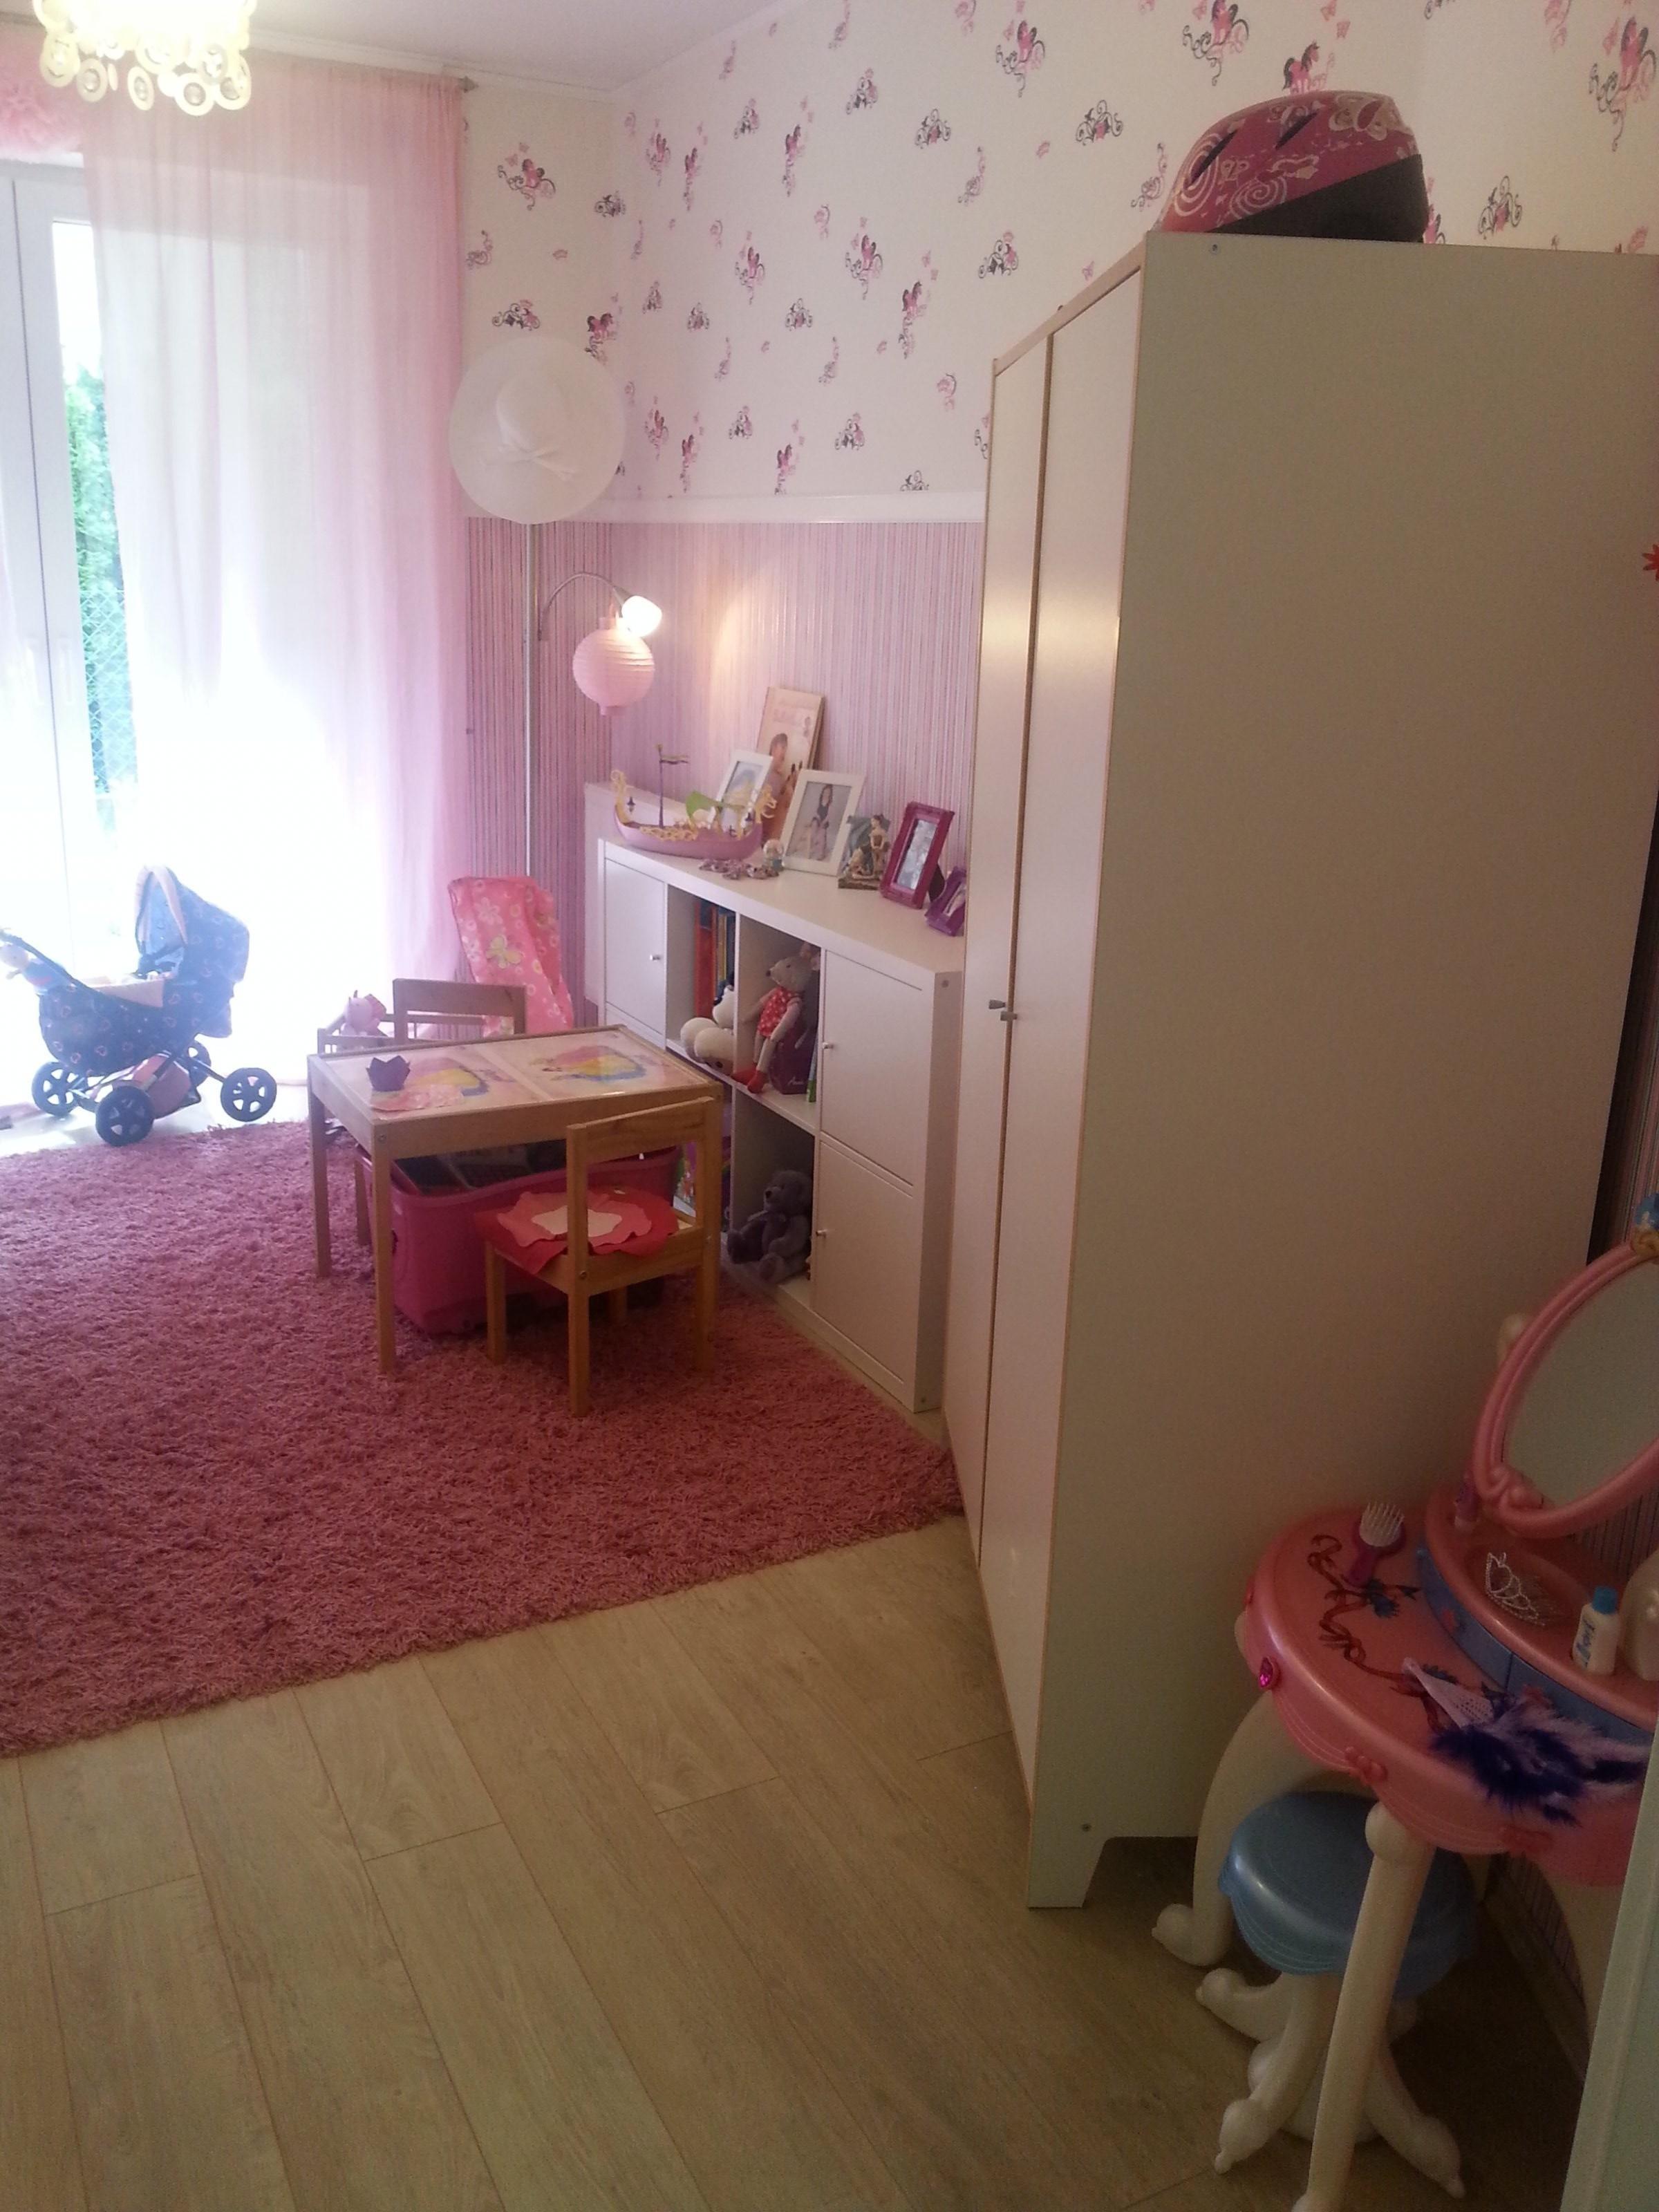 kinderzimmer 39 kinderschlafzimmer f r vierj hrige m dchen 39 mein domizil zimmerschau. Black Bedroom Furniture Sets. Home Design Ideas